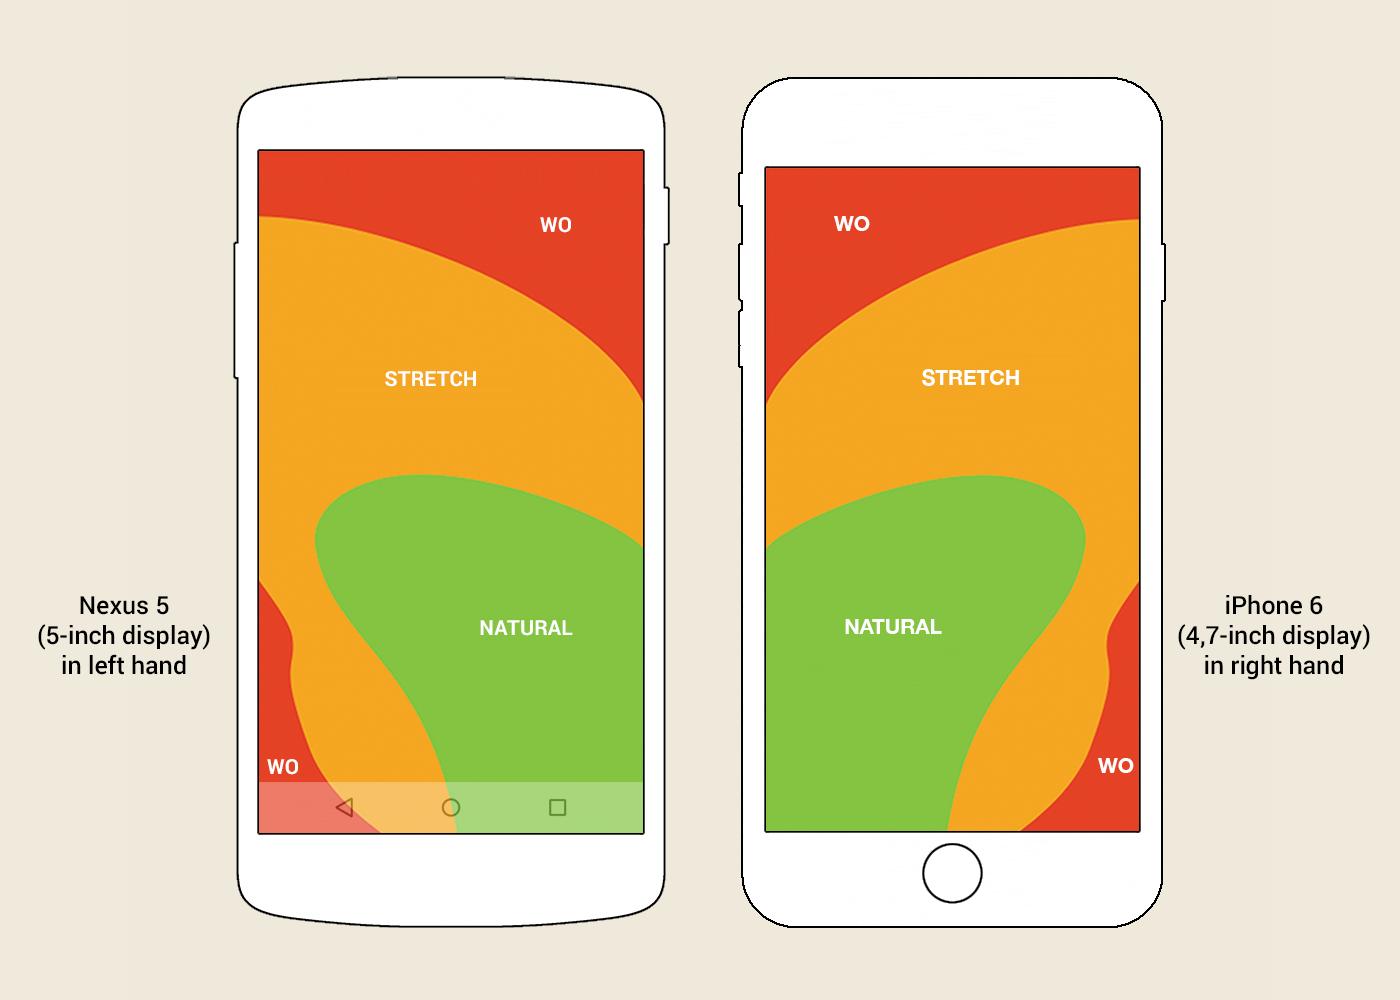 «Зона большого пальца» для 5–4,7-дюймового экрана, если держать телефон в левой и в правой руке, соответственно. Изображение основано на публикации Скотта Хэрффа.